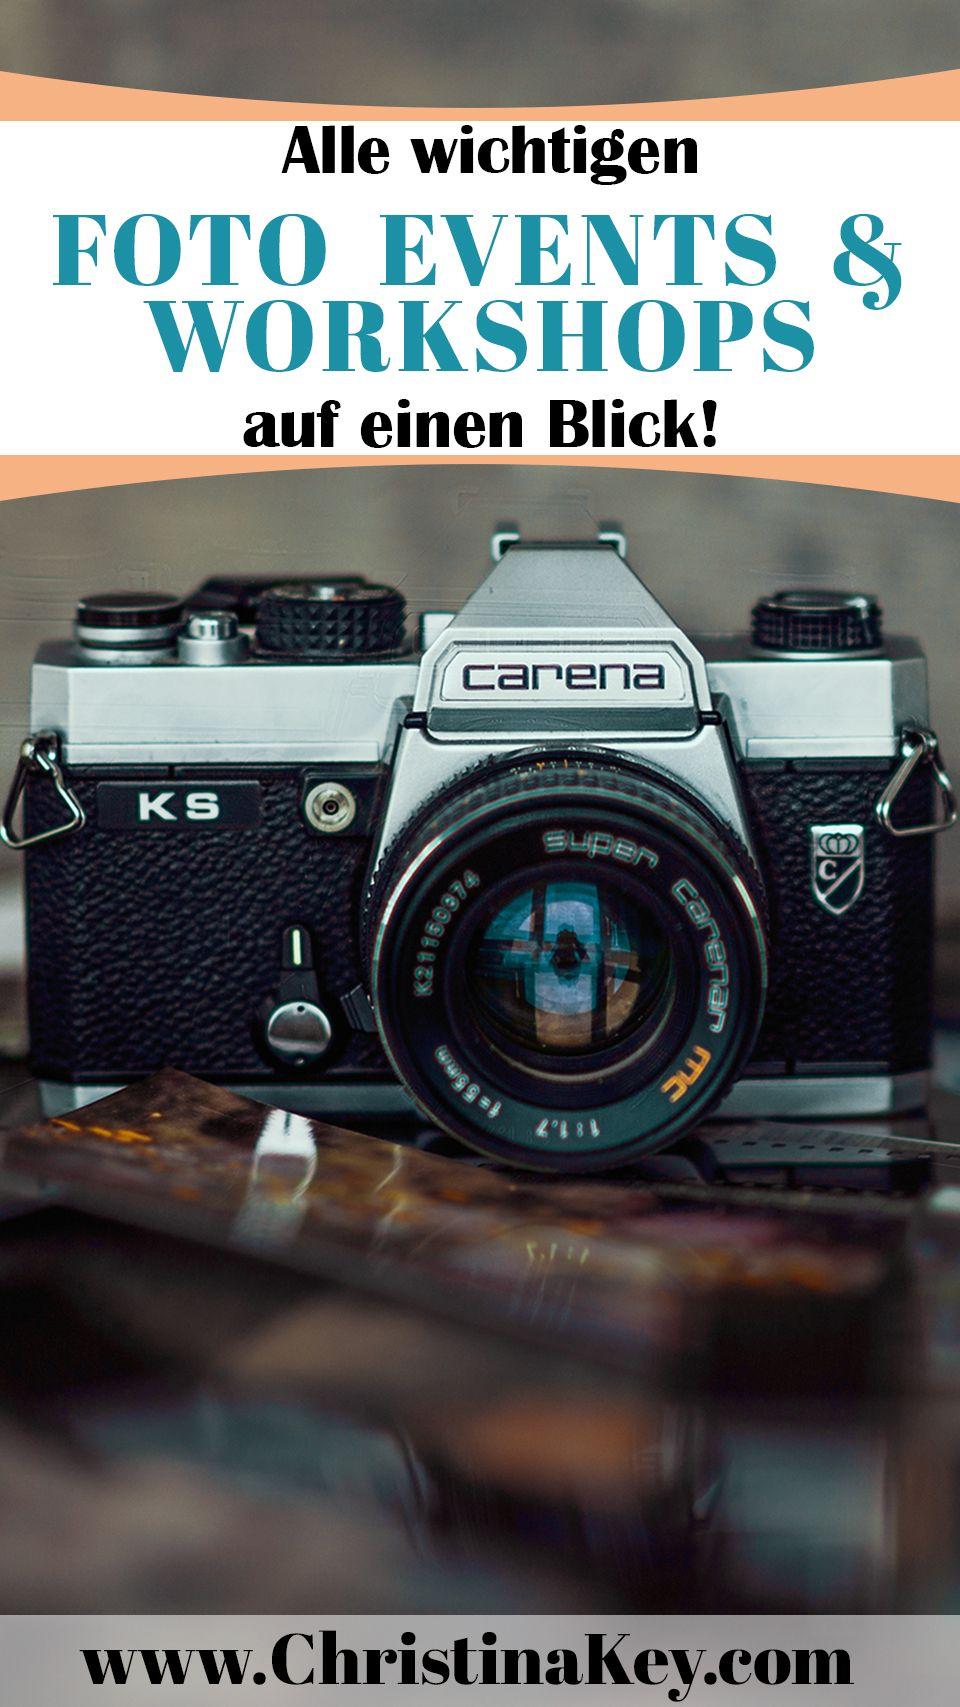 Alle wichtigen Foto Workshops und Foto Events auf einem Blick ...